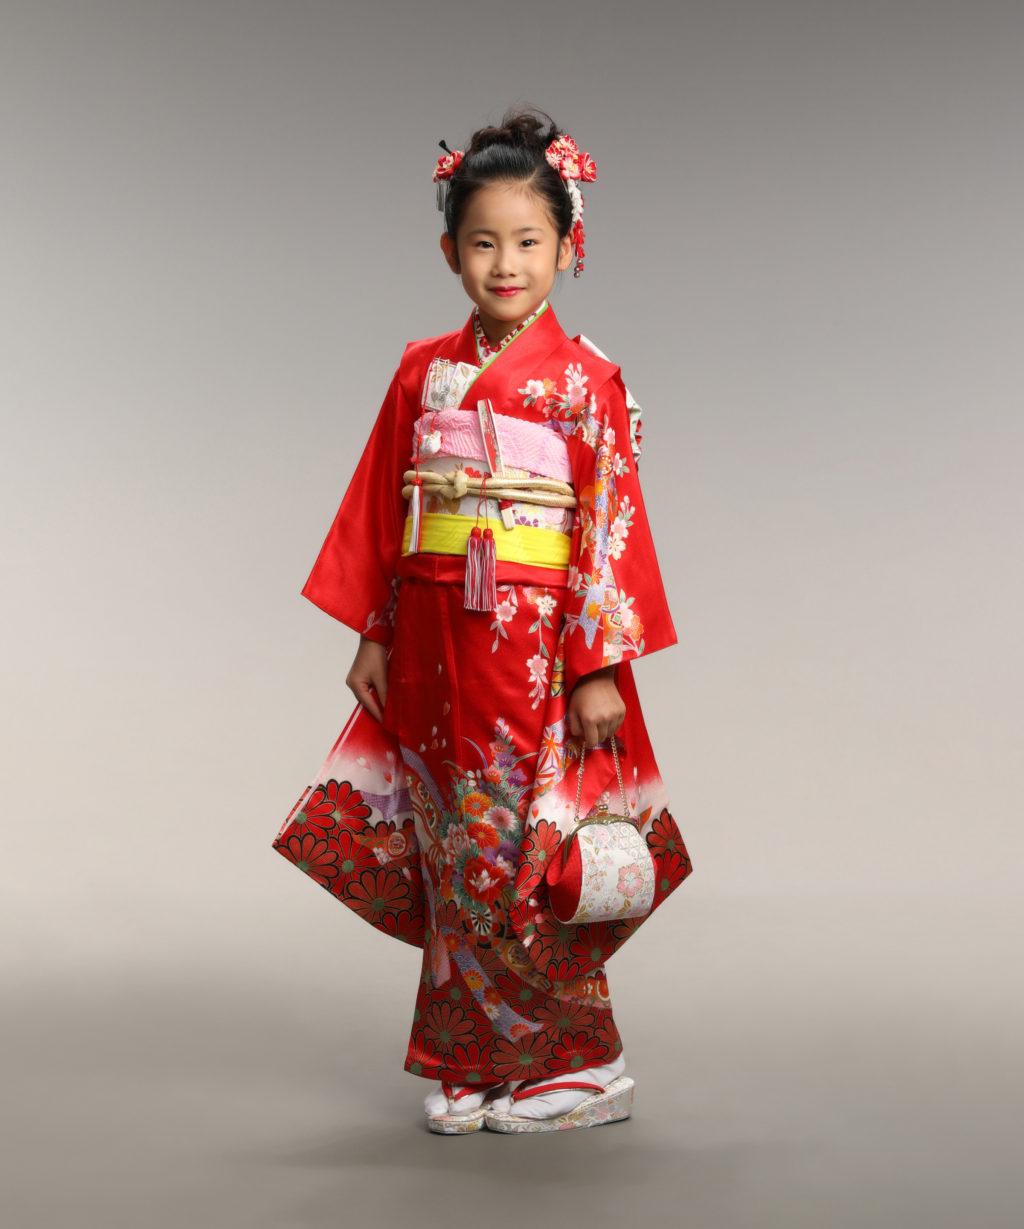 七五三記念写真撮影例(7歳女の子着物)横浜そごう写真館